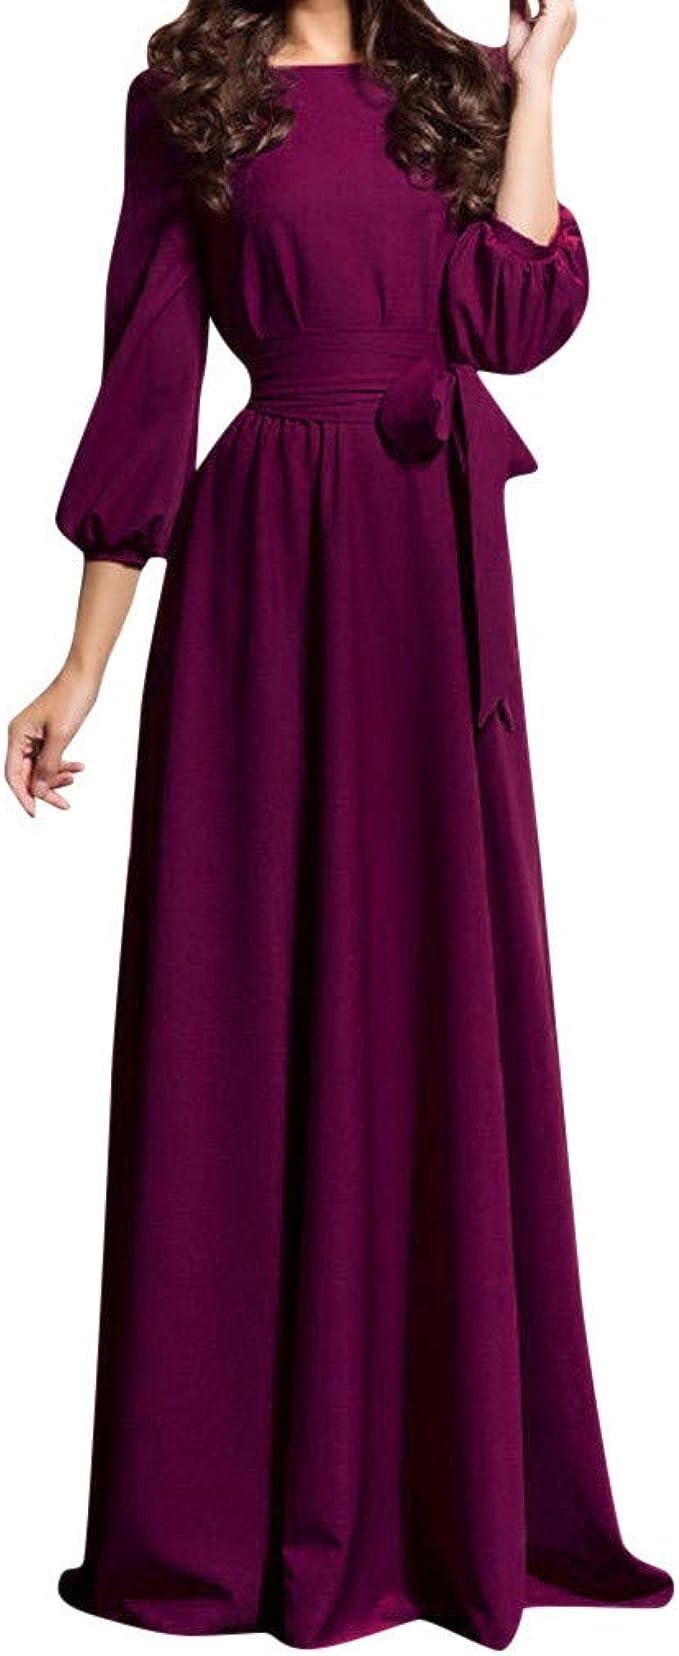 AZZRA Frauen-Sommer-beiläufige Party-Kleid-Laterne Ärmel Feste Lange  Kleider mit Gurt Meerjungfrau Off Shoulder Abendkleider Ballkleid Maxikleid